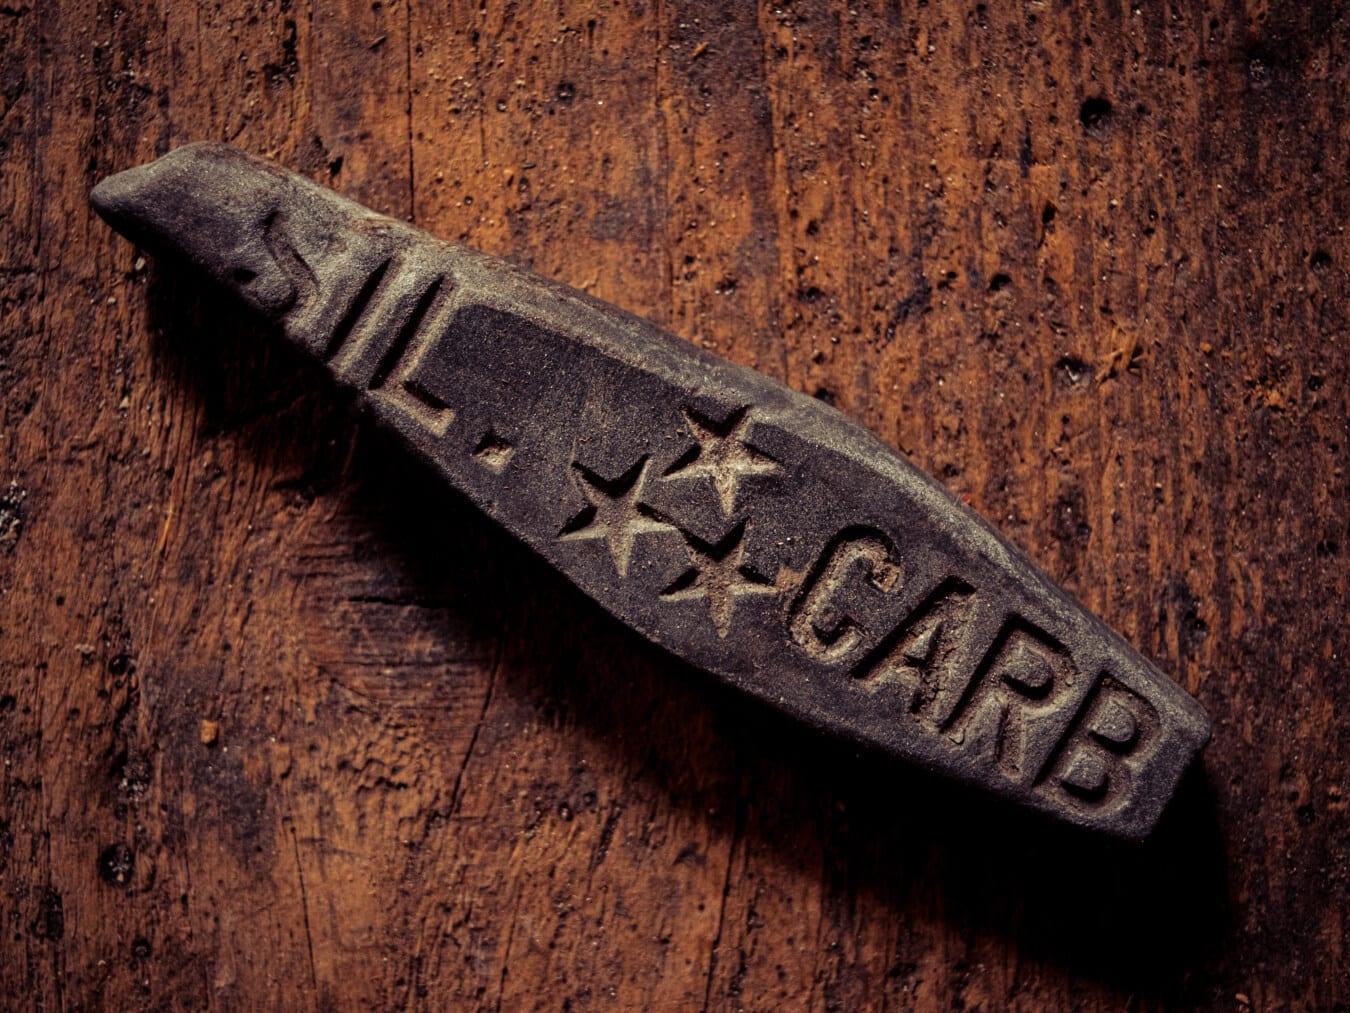 vieux, Pierre, outil à main, vintage, outil, texture, texte, retro, bois, sale